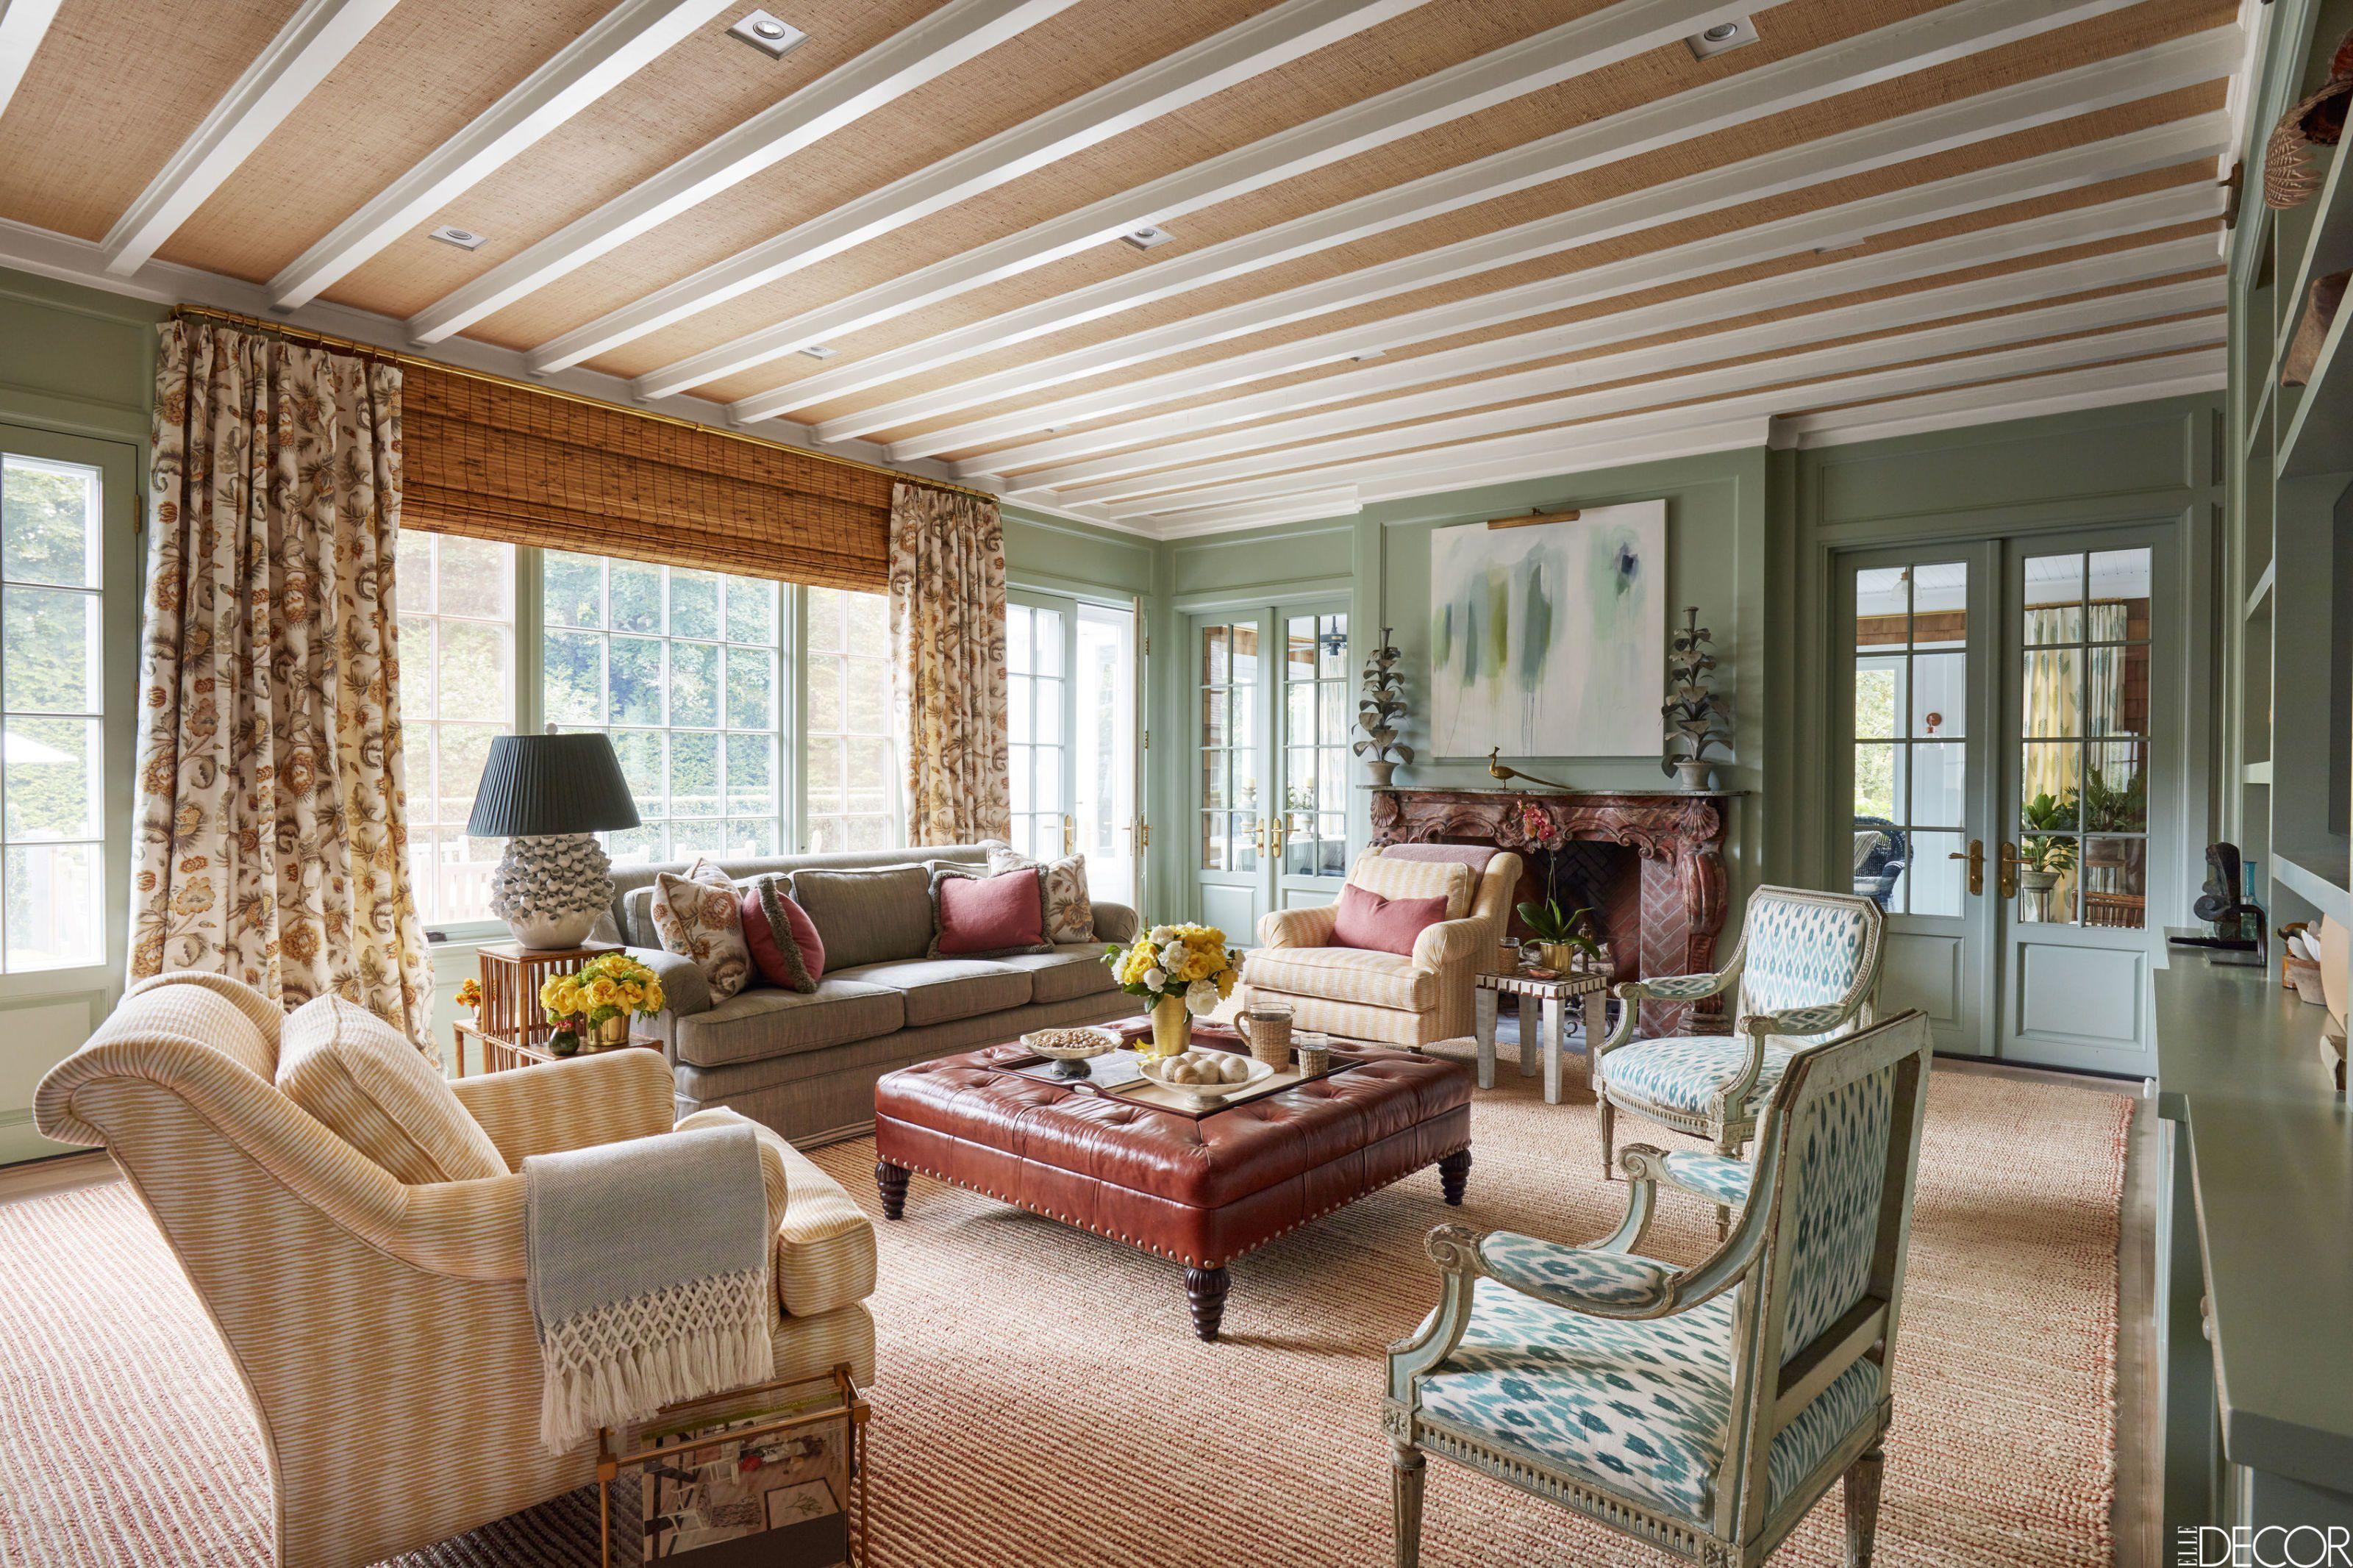 Decken Ideen Für Wohnzimmer - Decken-Ideen Für Wohnzimmer ...